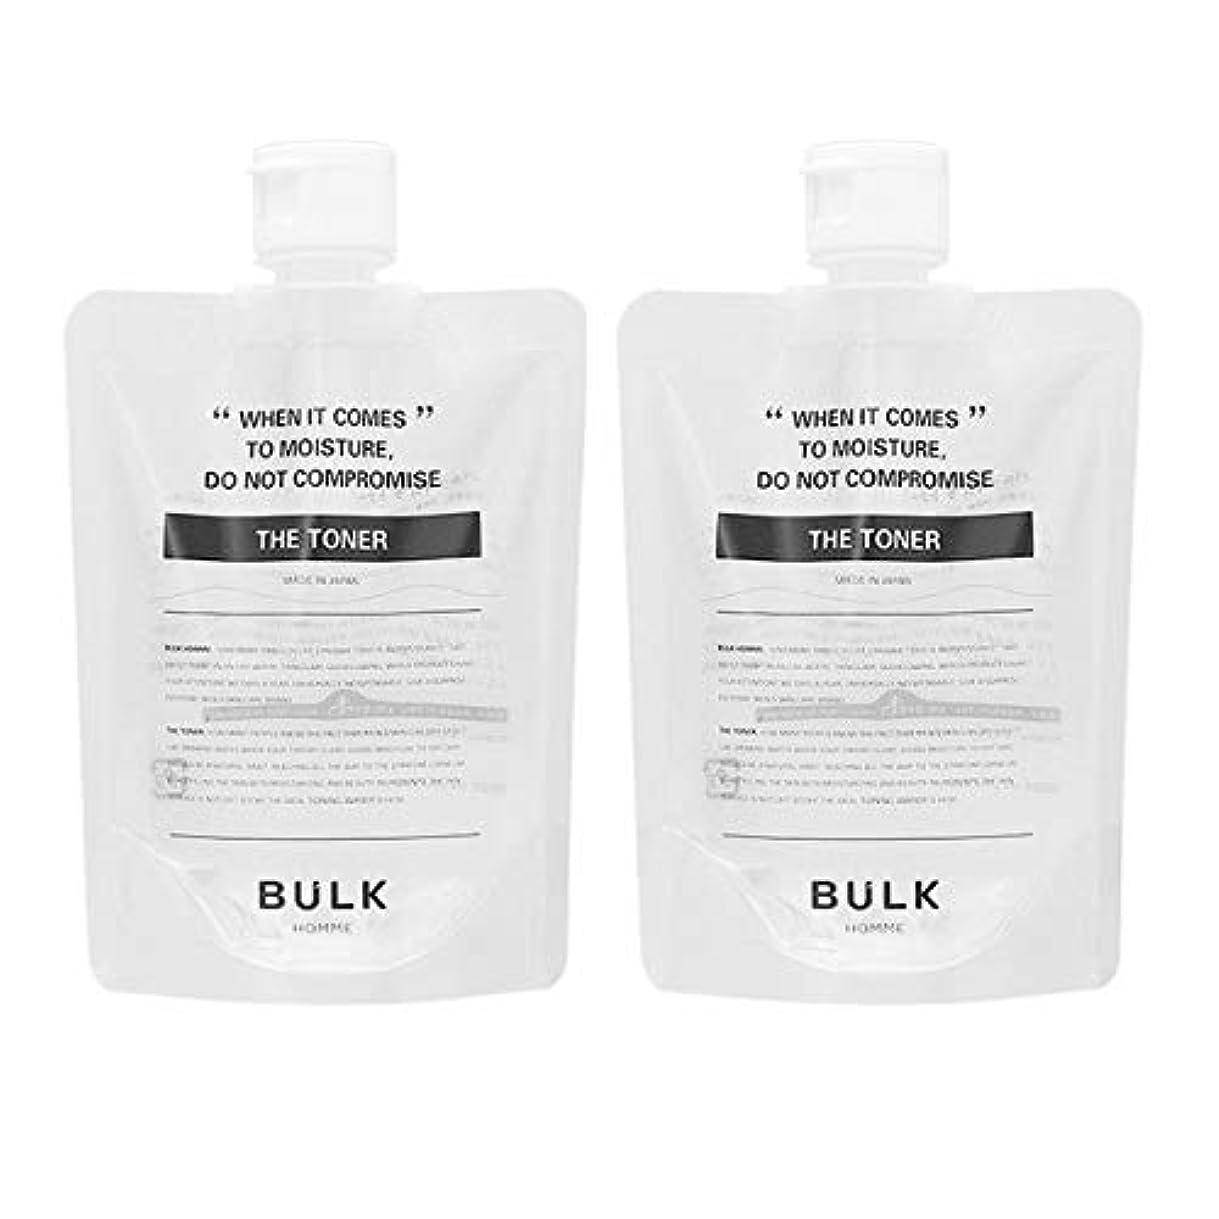 【セット】バルクオム BULK HOMME ザ トナー 化粧水 200mL 2個セット [並行輸入品]